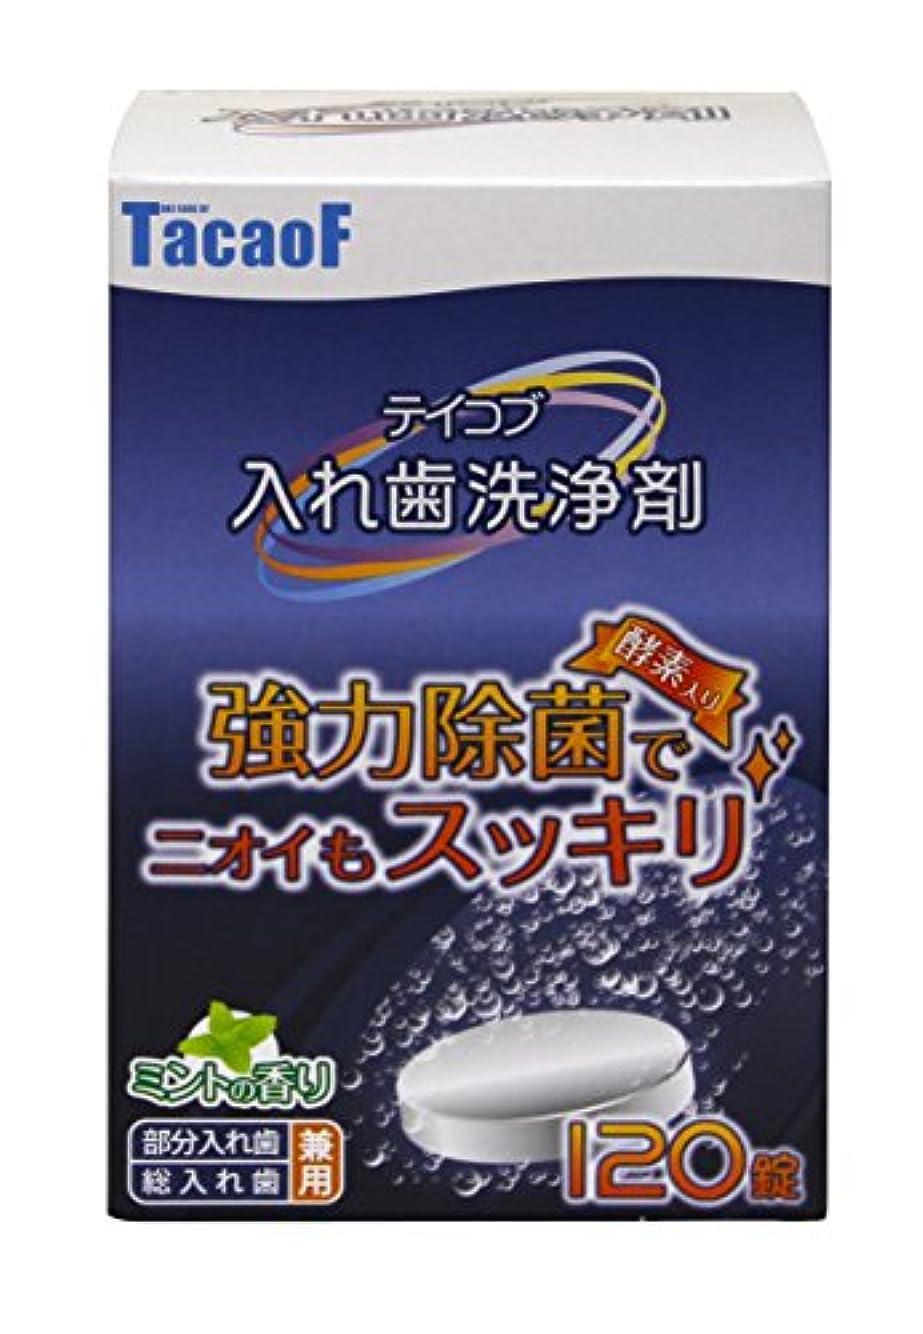 リズム輝度リー幸和製作所 テイコブ入れ歯洗浄剤 120錠 KC01